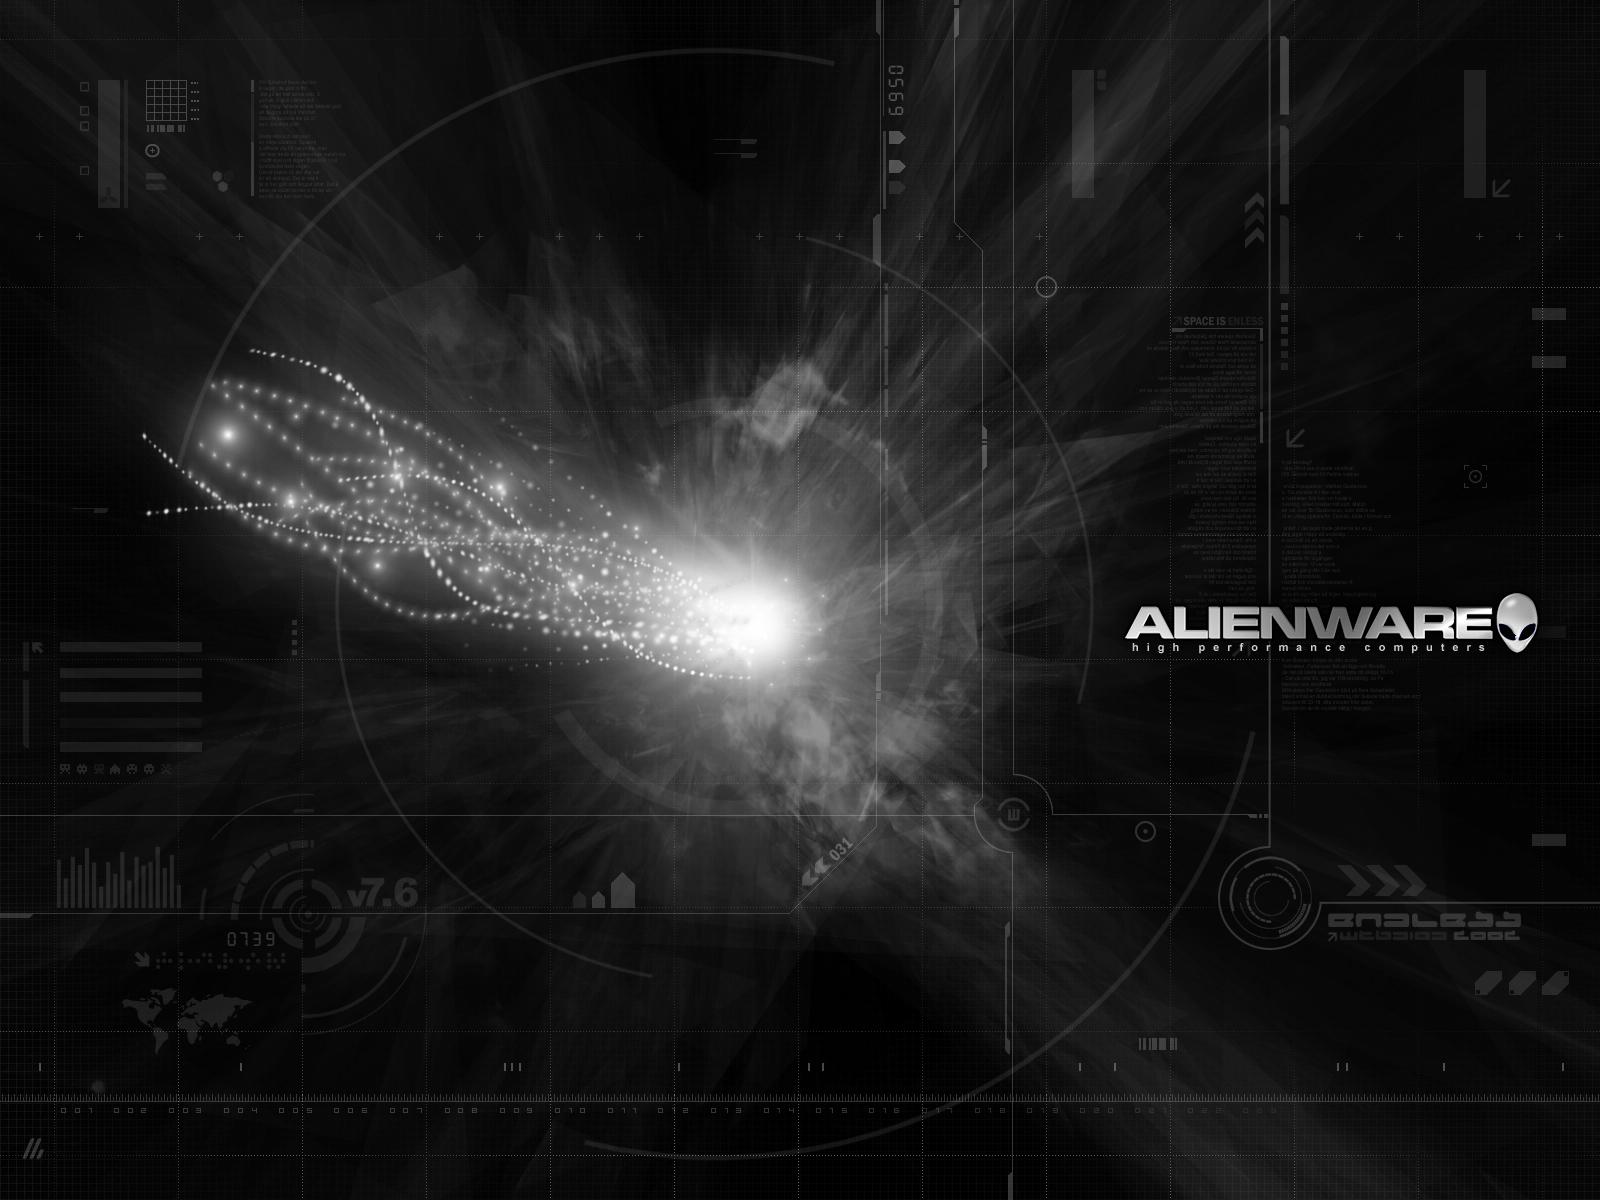 Alienwarewallpapers1080p 1600x1200